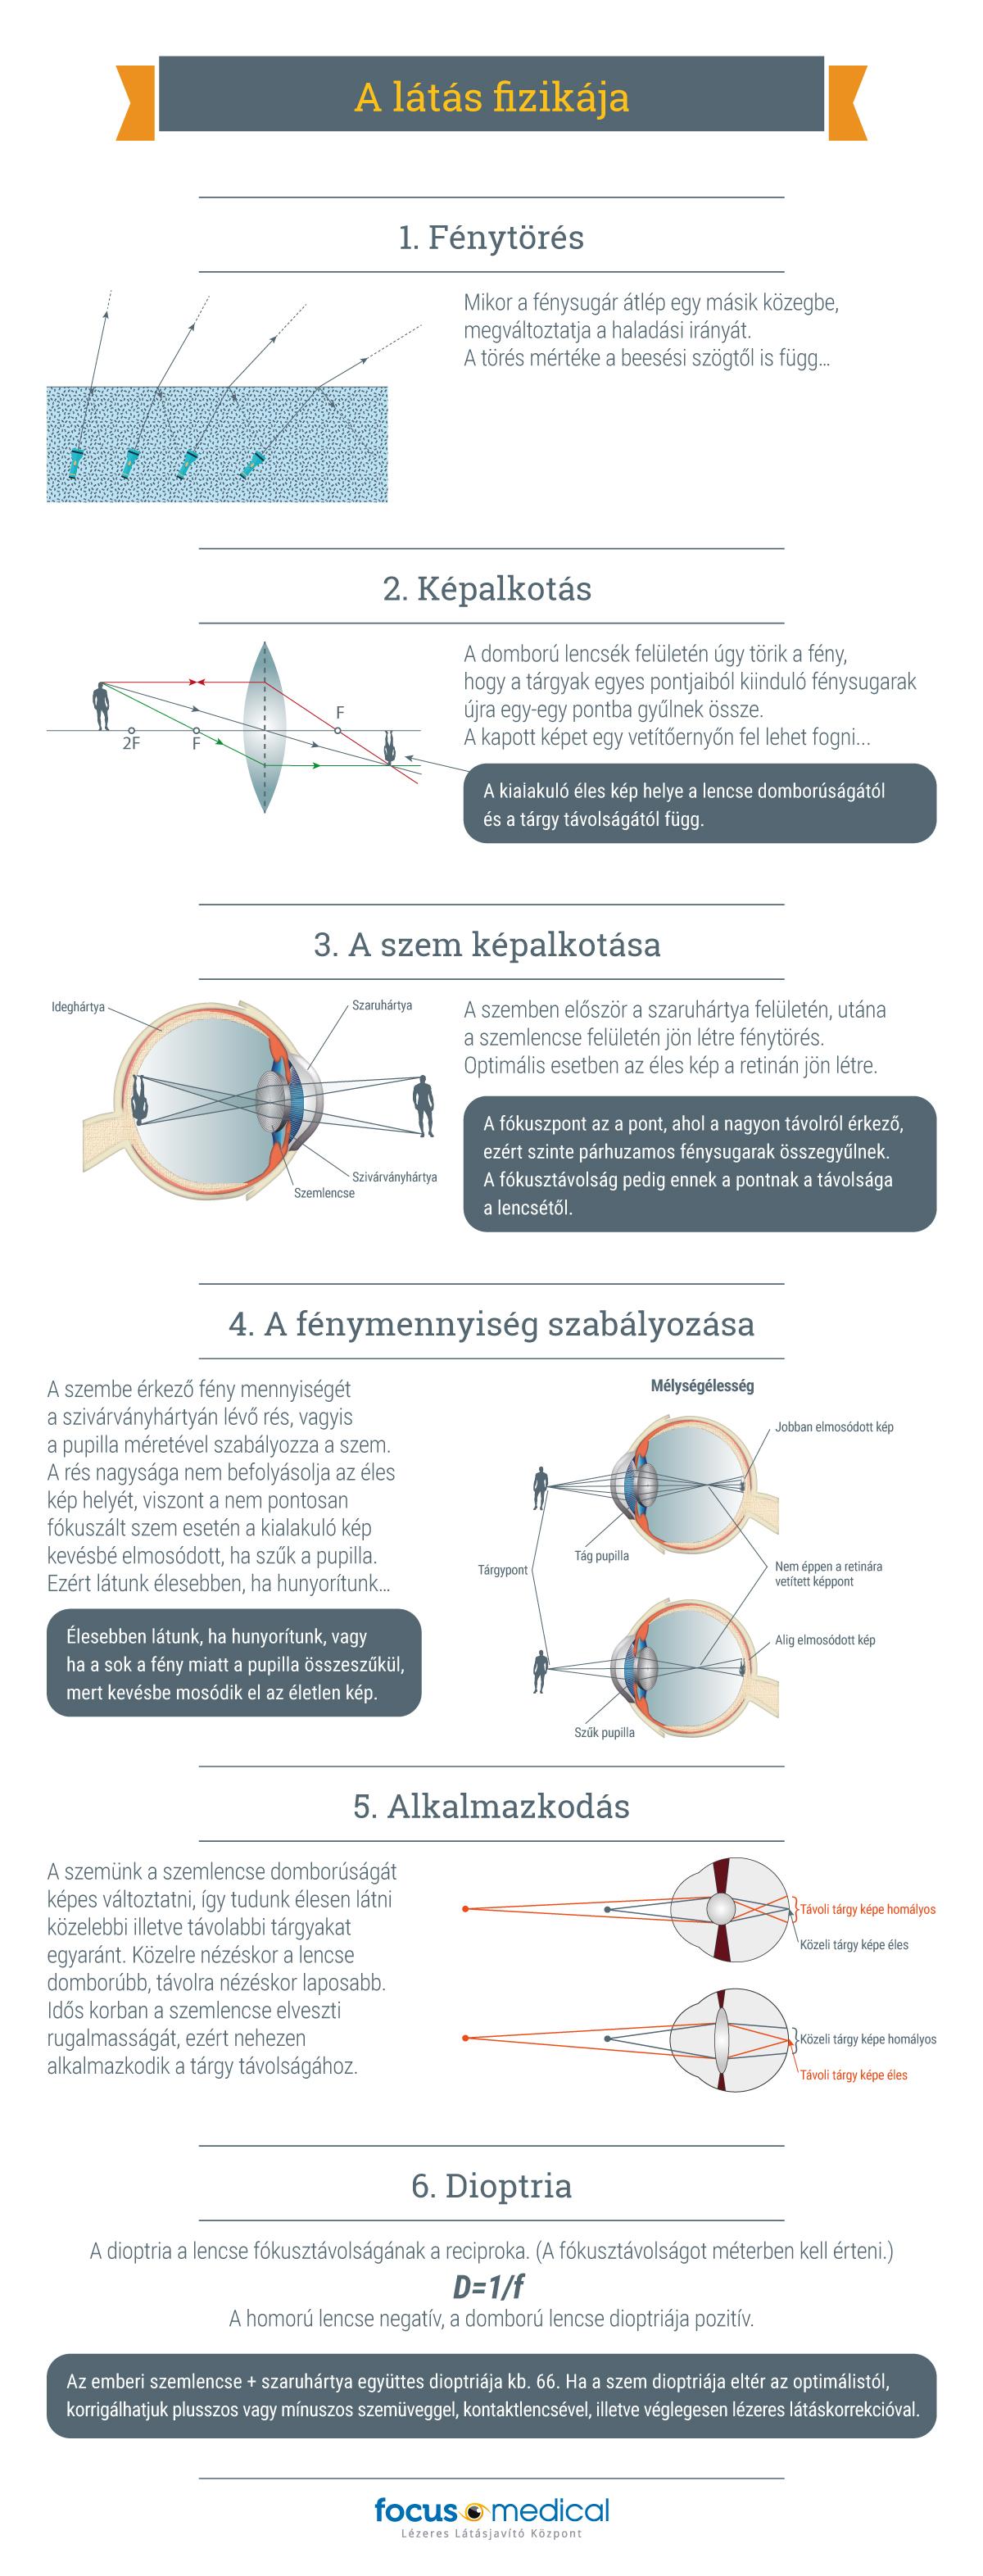 a-la_ta_s-fizika_ja.jpg